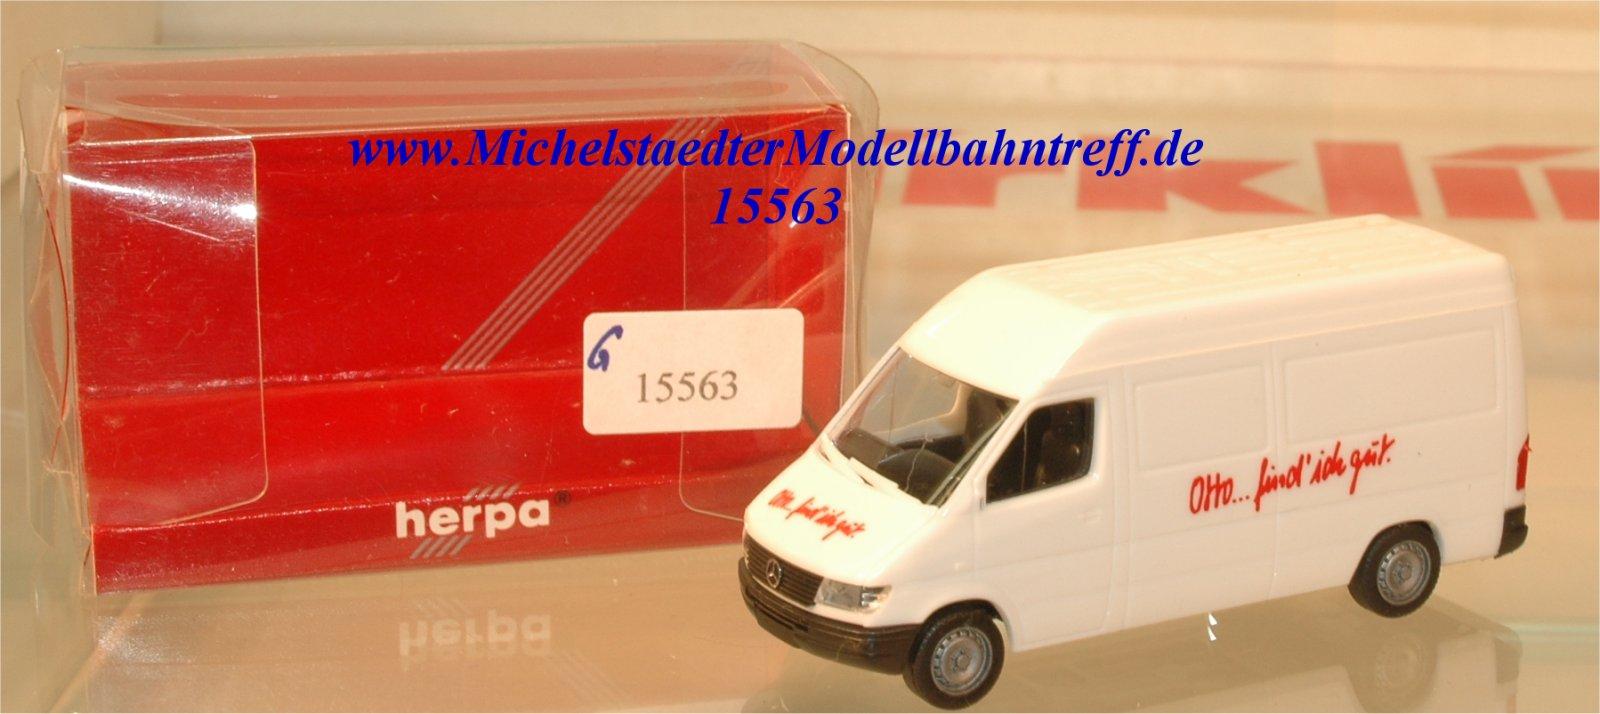 Herpa 994887 Modellauto MB Typ T1N Otto..find ich gut, (15563)